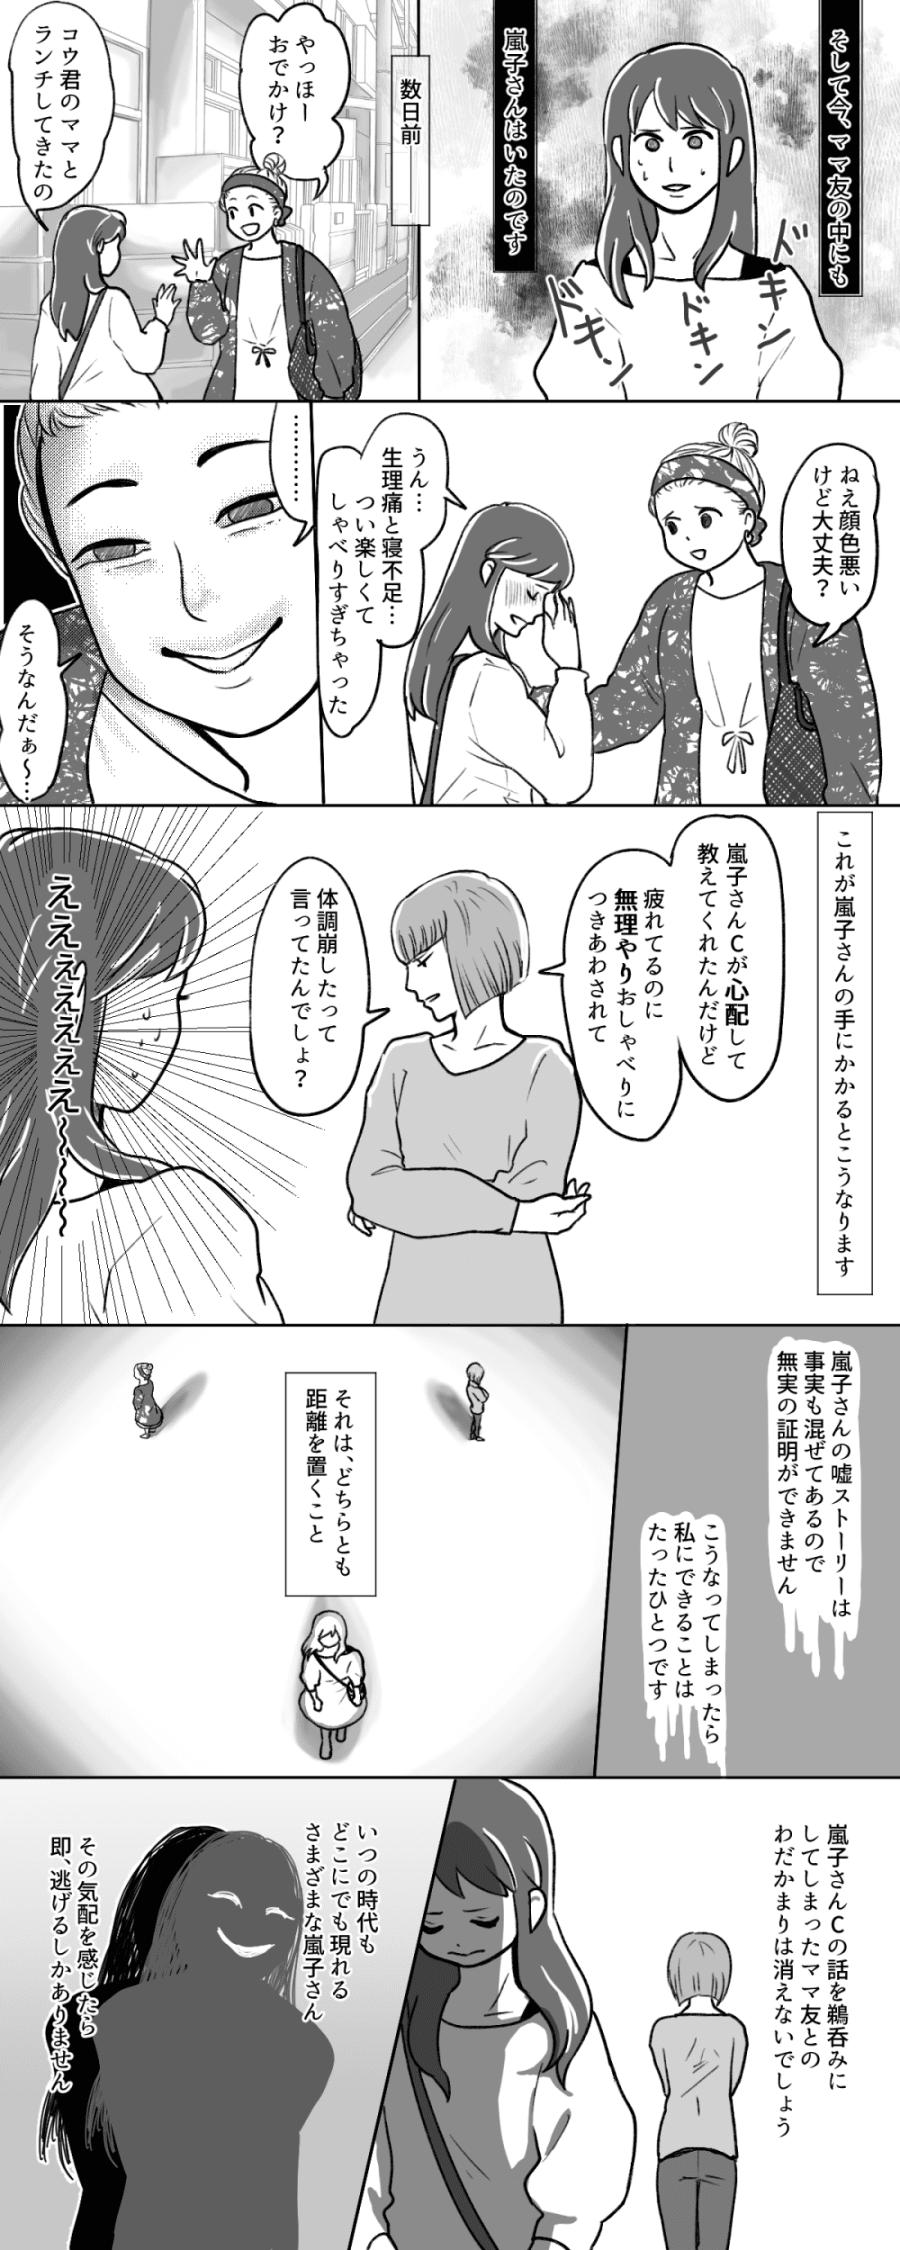 嵐子さん4